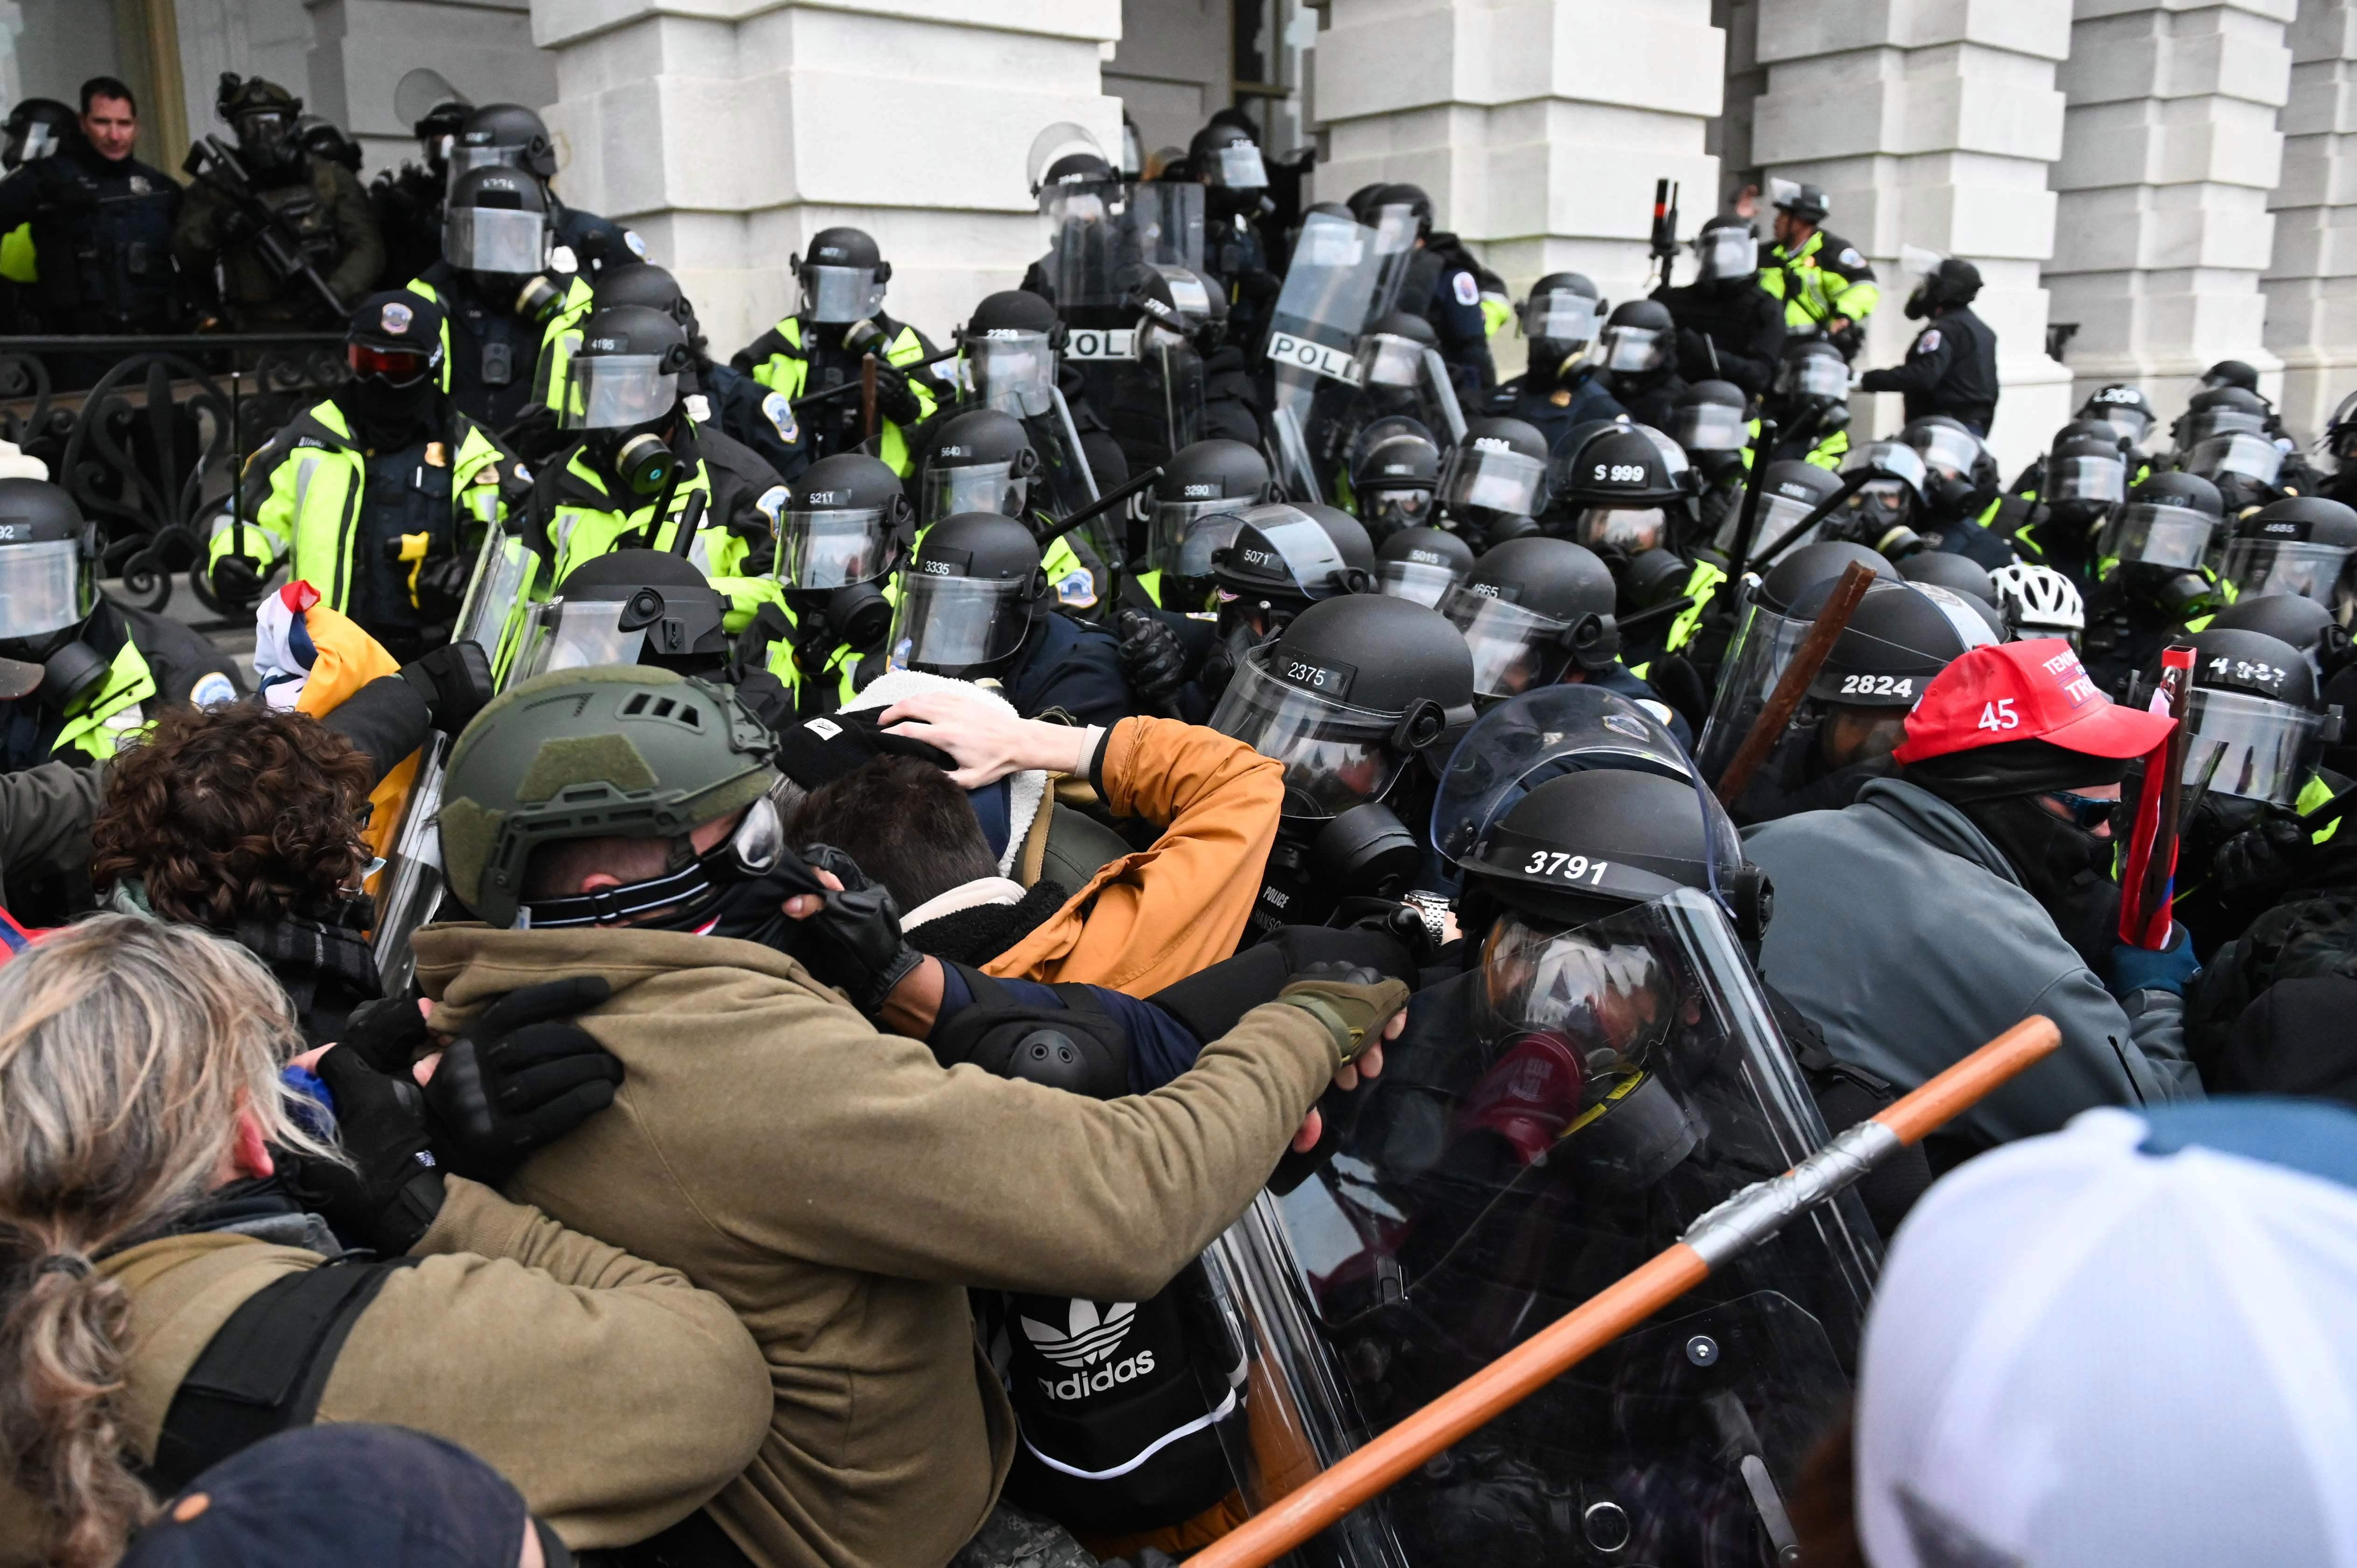 La policía antidisturbios intentó hacer retroceder a una multitud de partidarios del presidente Donald Trump después de asaltar el edificio del Capitolio el 6 de enero.